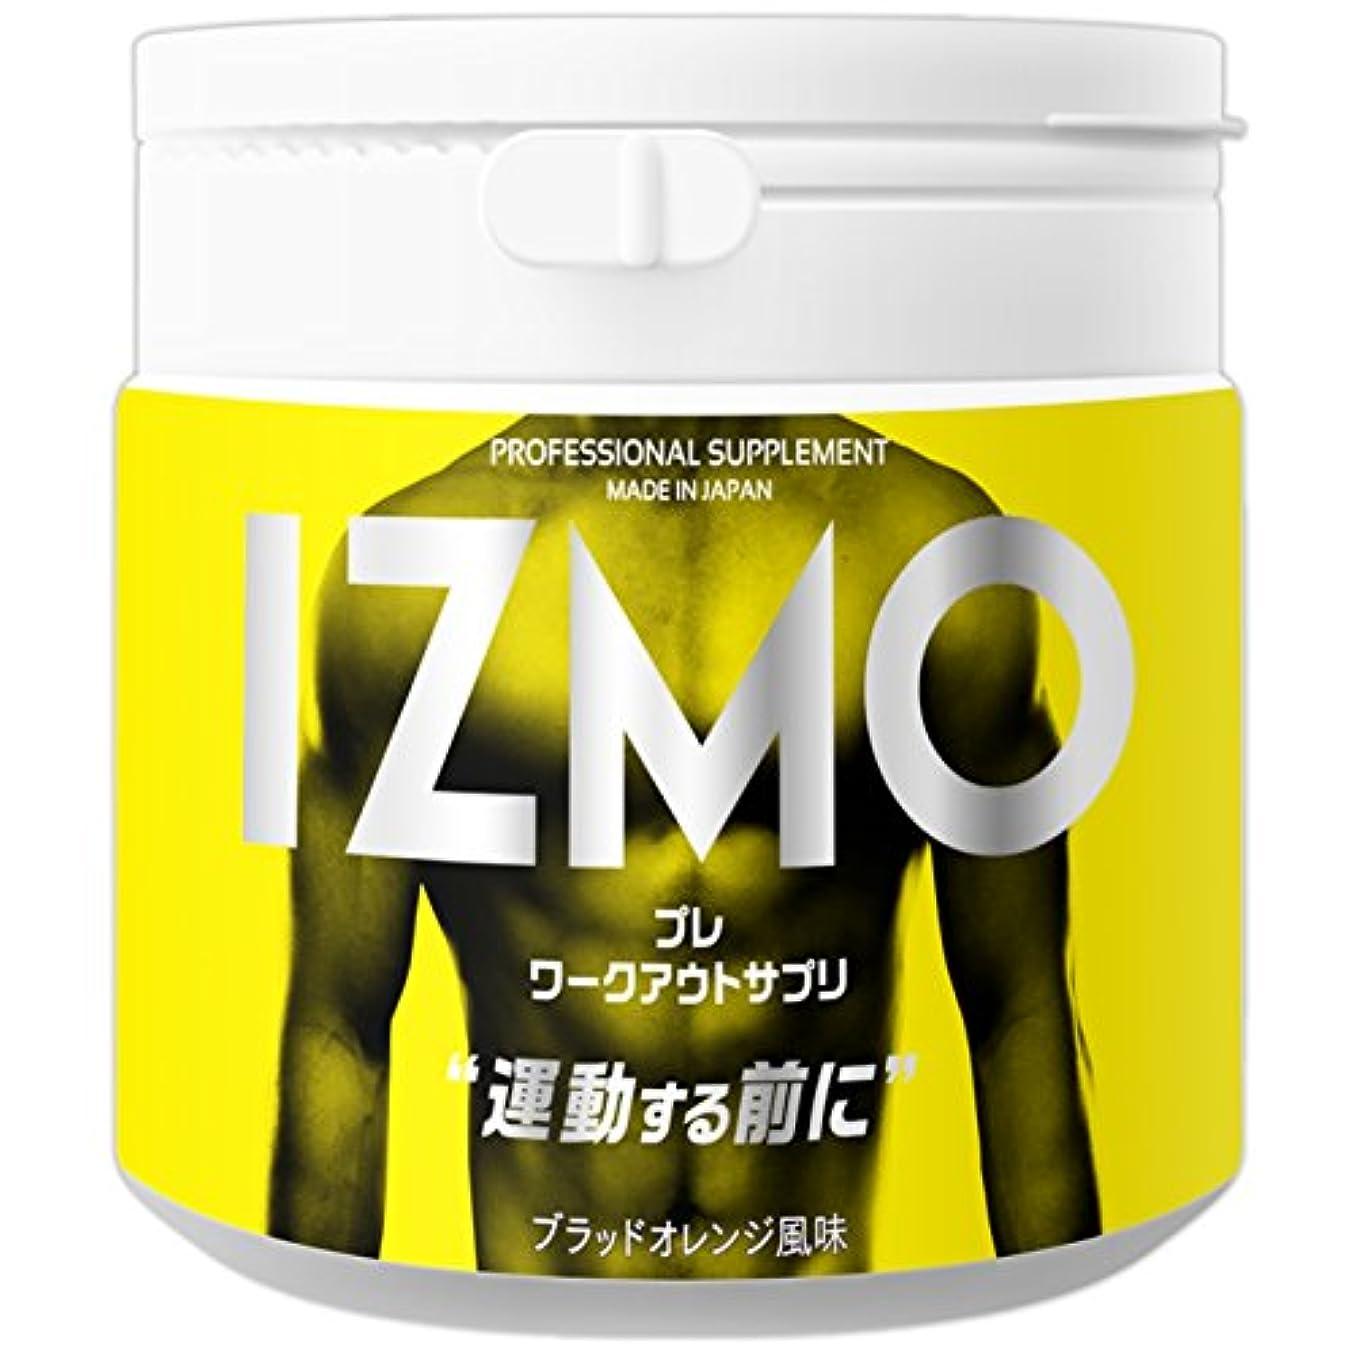 IZMO -イズモ- プレワークアウトサプリ 165g